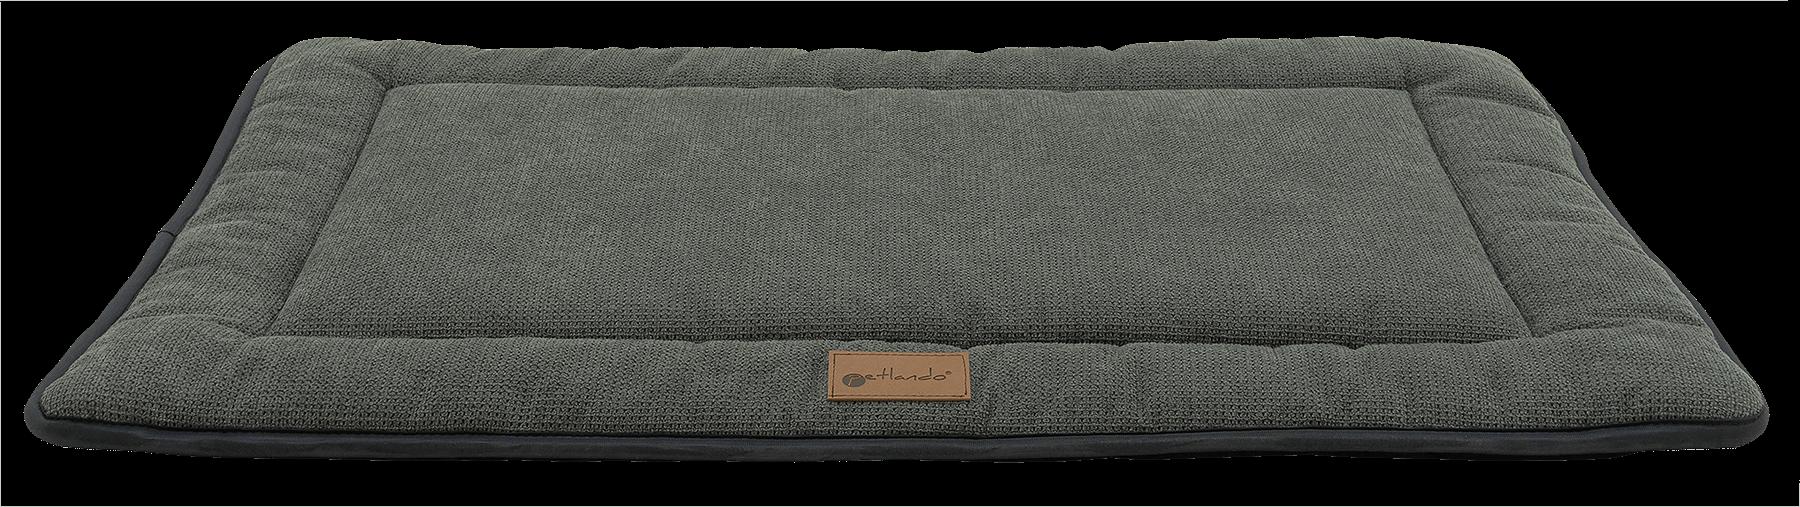 Relaxmat 105x70x5.5cm  -XL- Grey